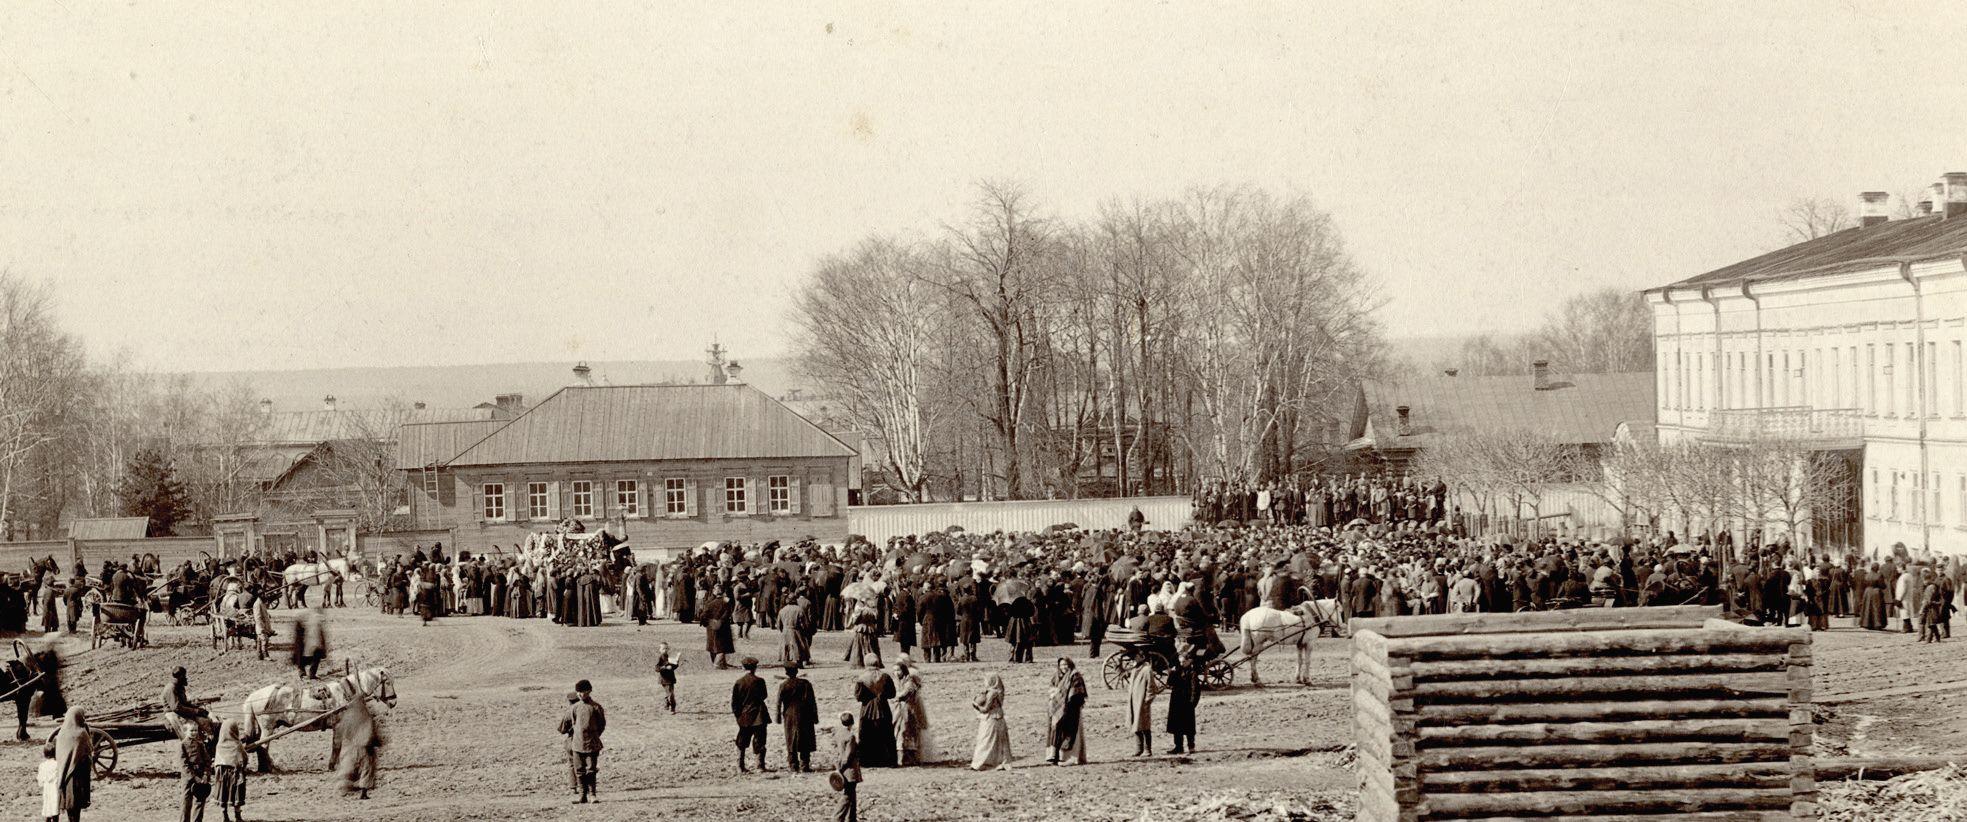 Вознесенская площадь. Алексеевское реальное училище. 1897